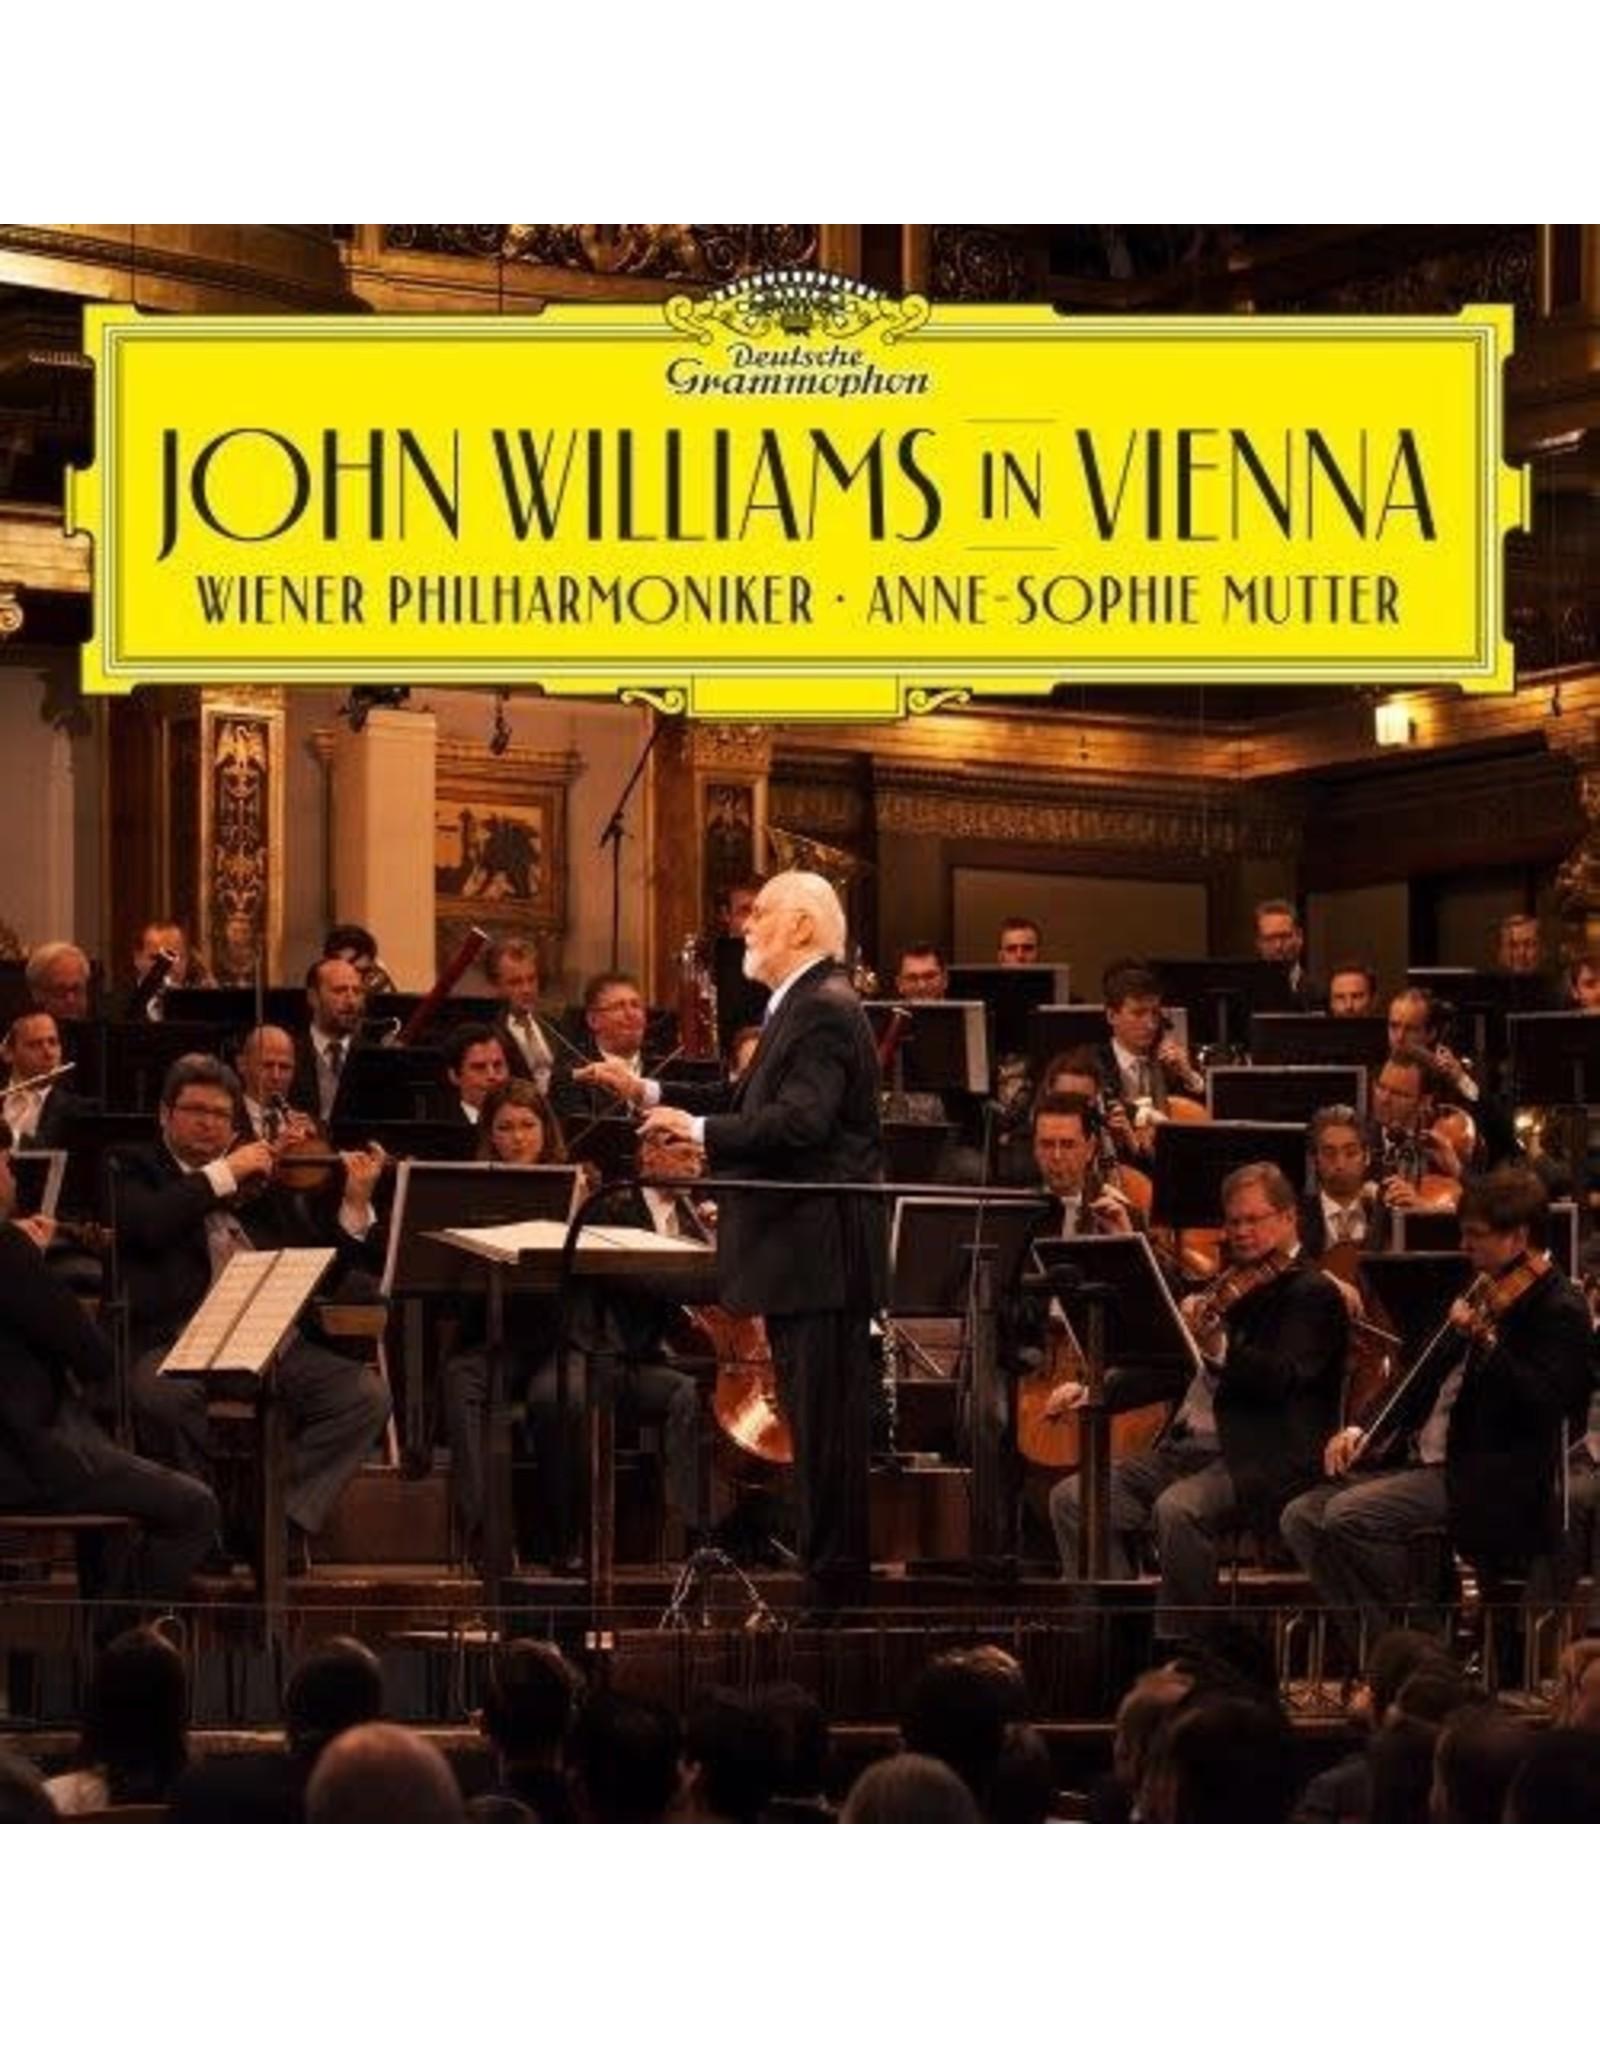 New Vinyl John Williams - In Vienna 2LP